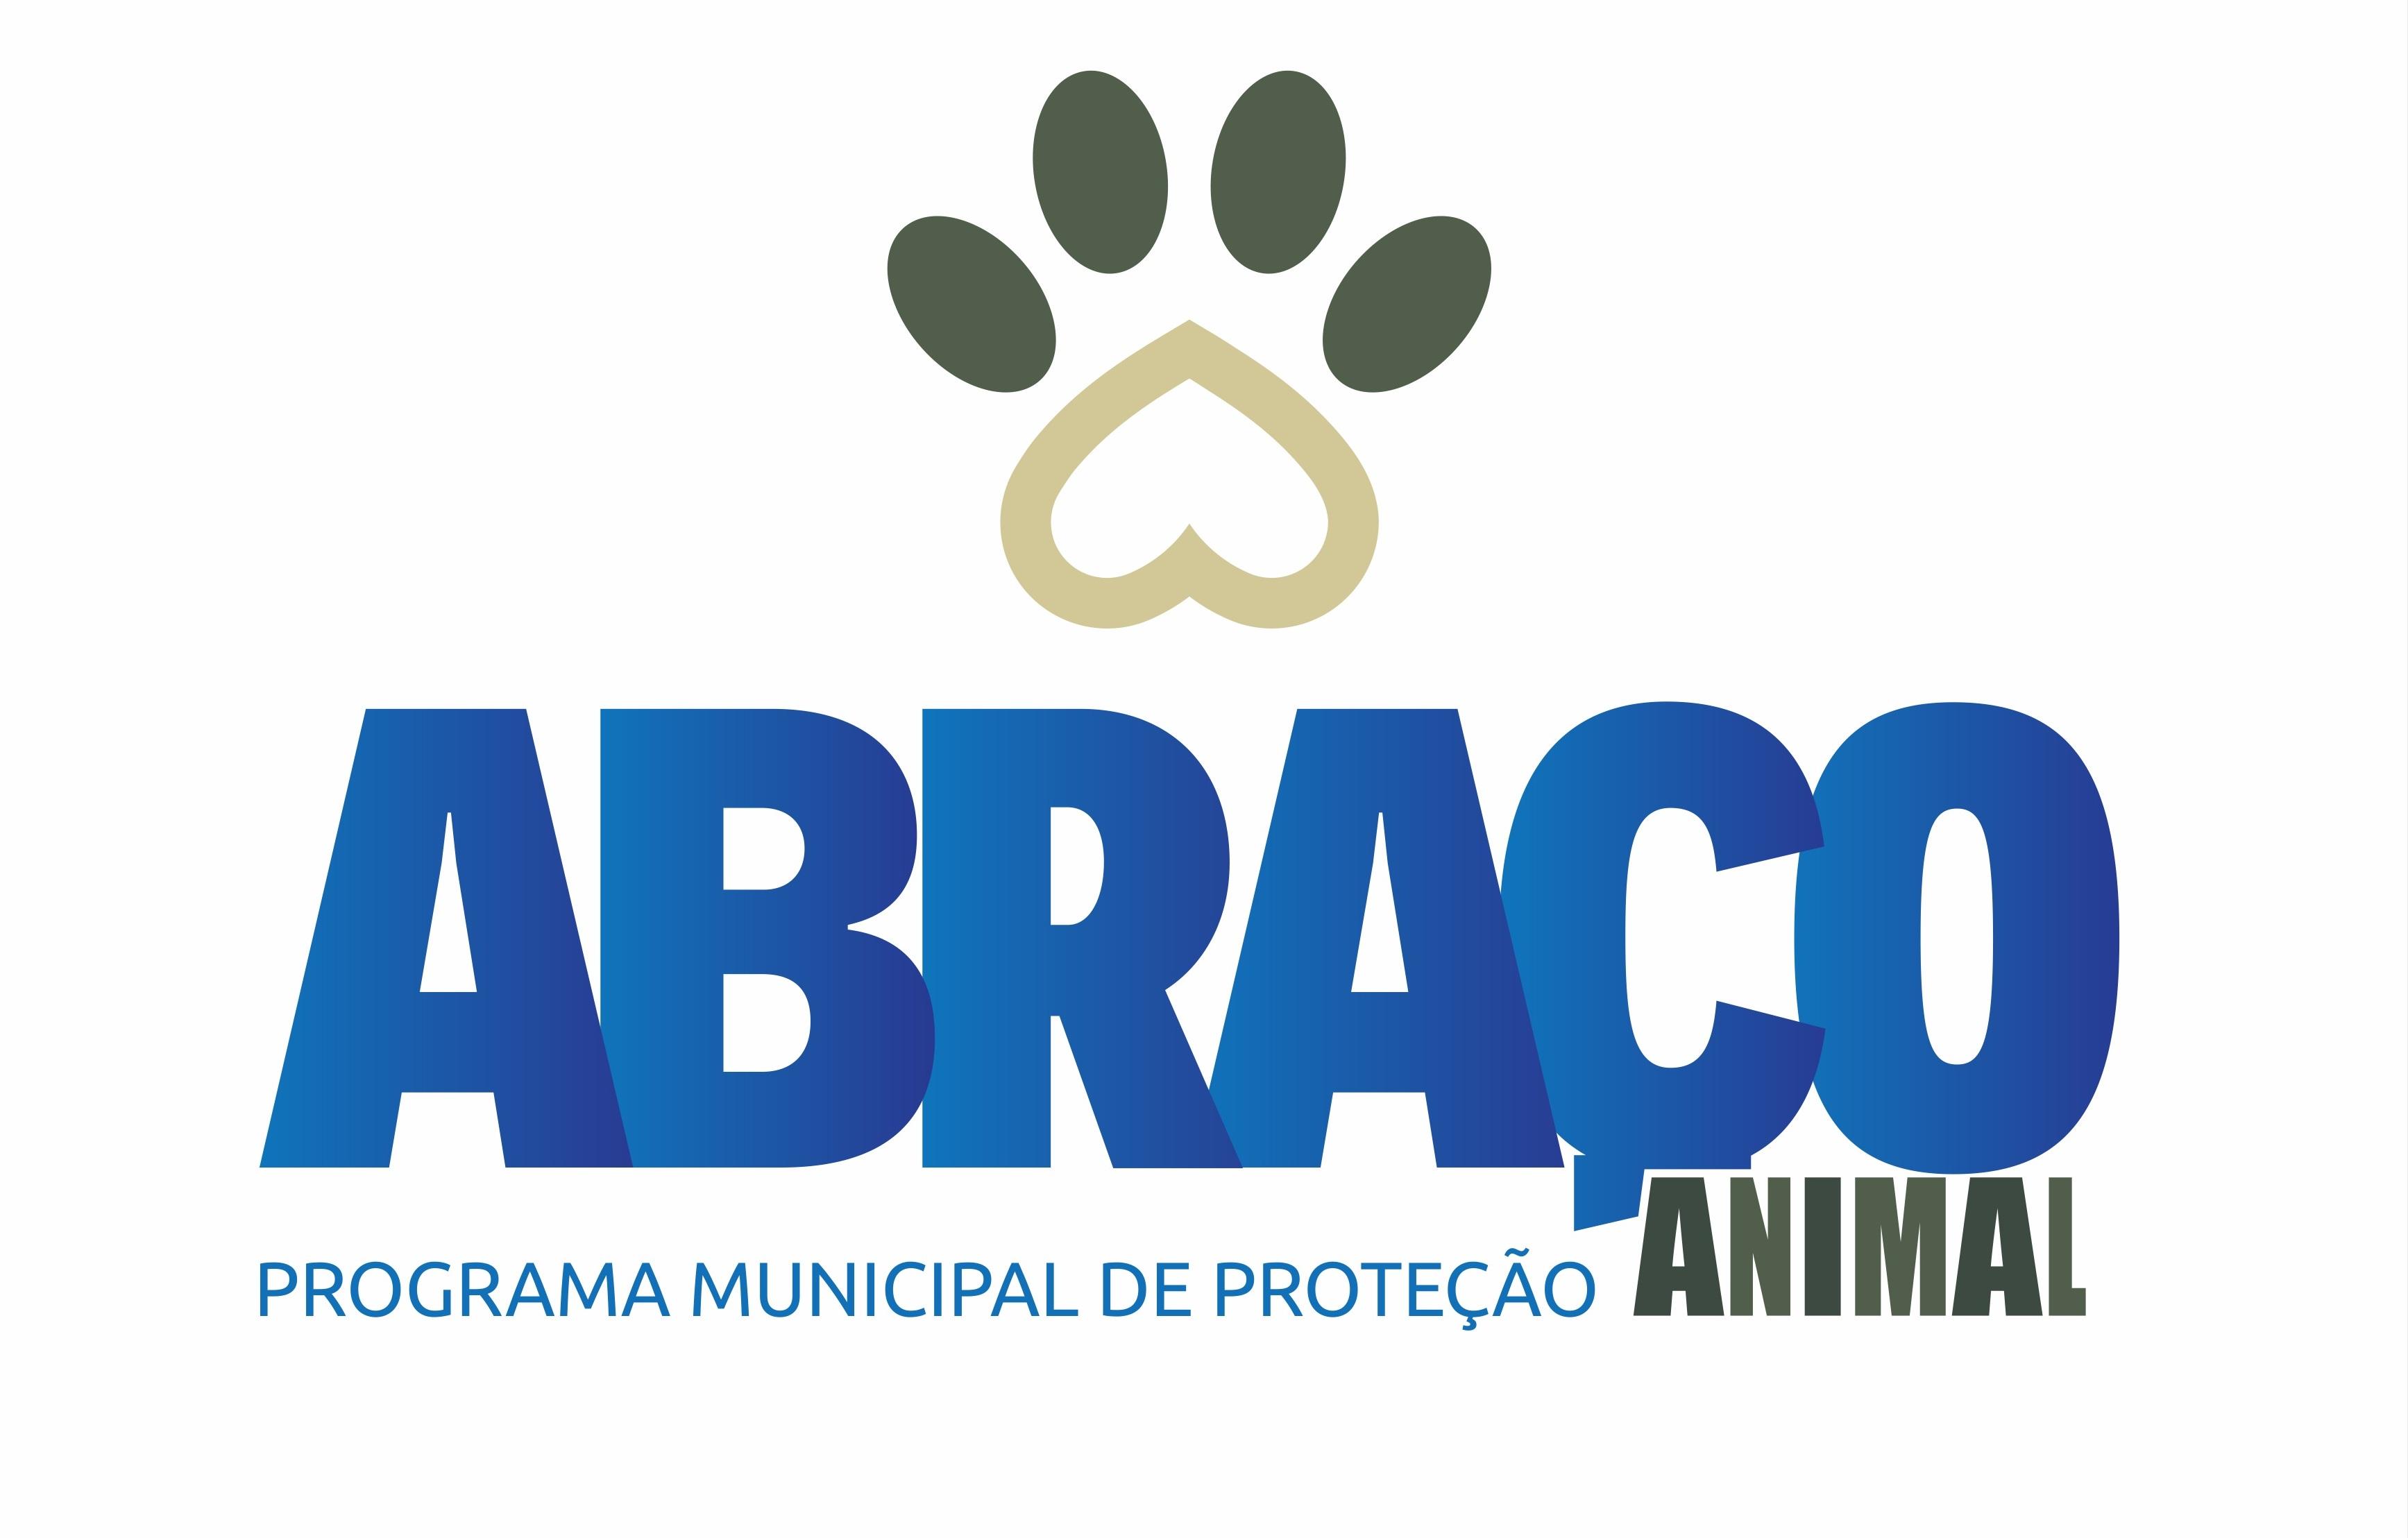 ABRAÇO Animal será lançado no próximo sábado em Balneário Camboriú